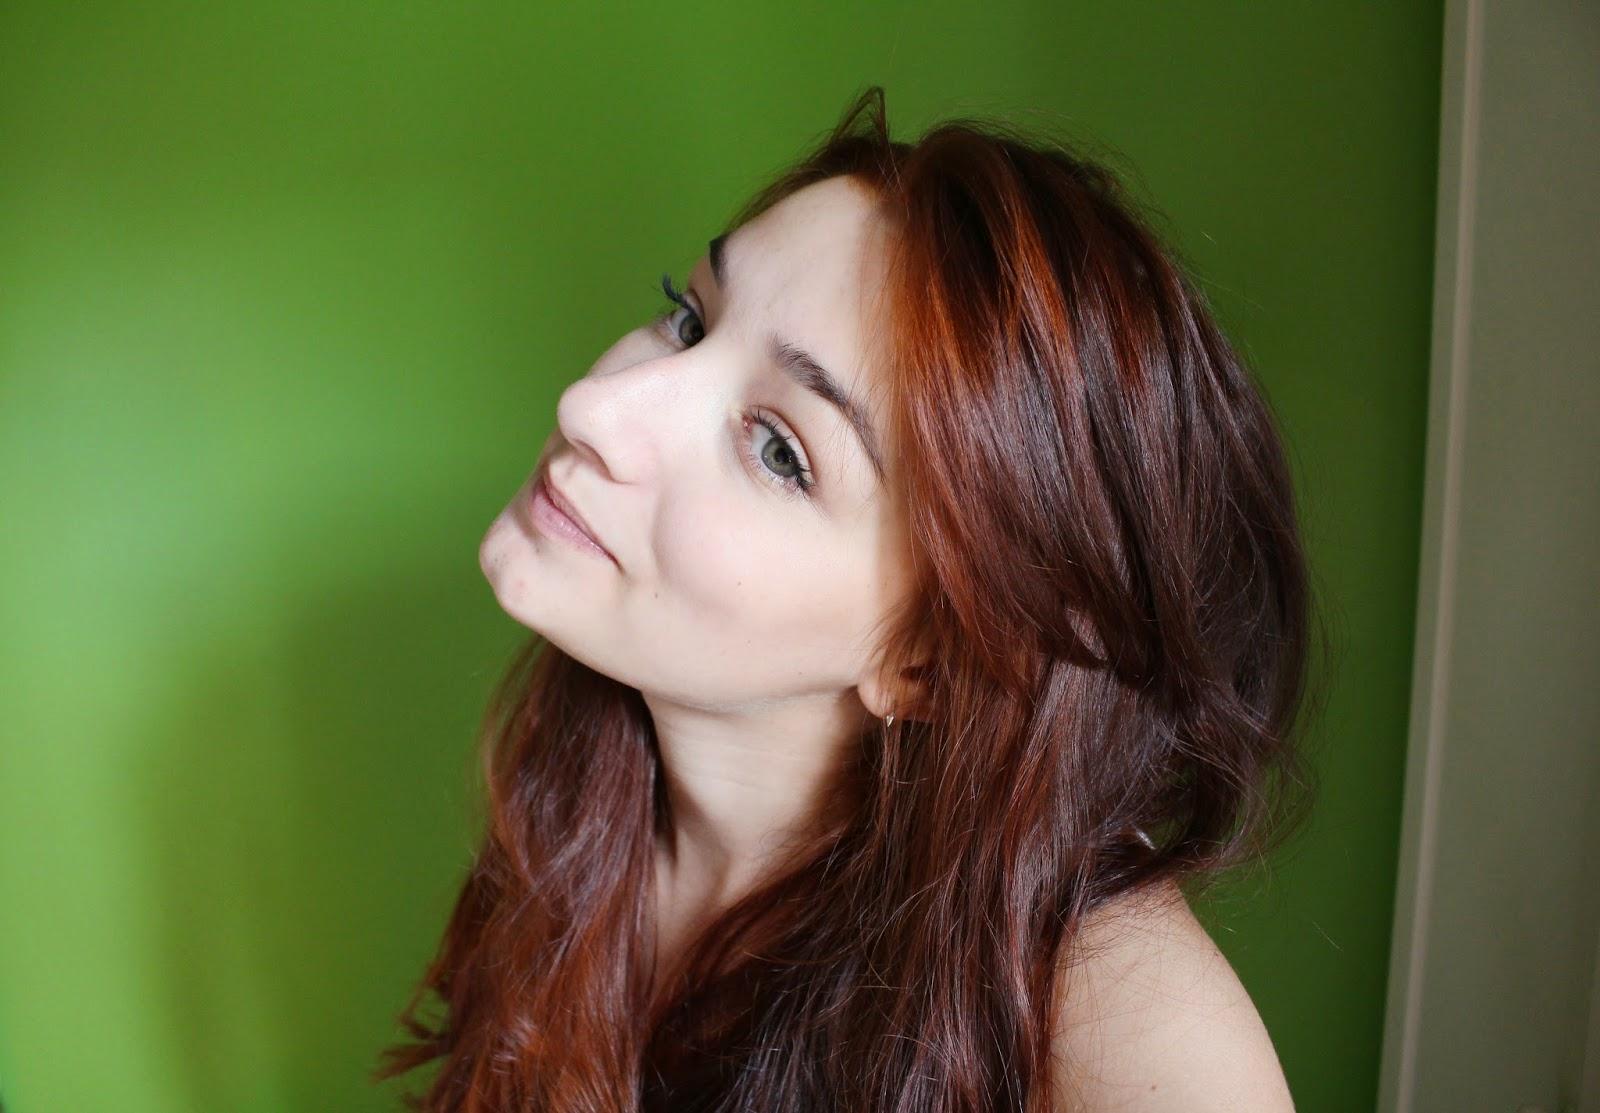 Couleur cheveux roux tres clair